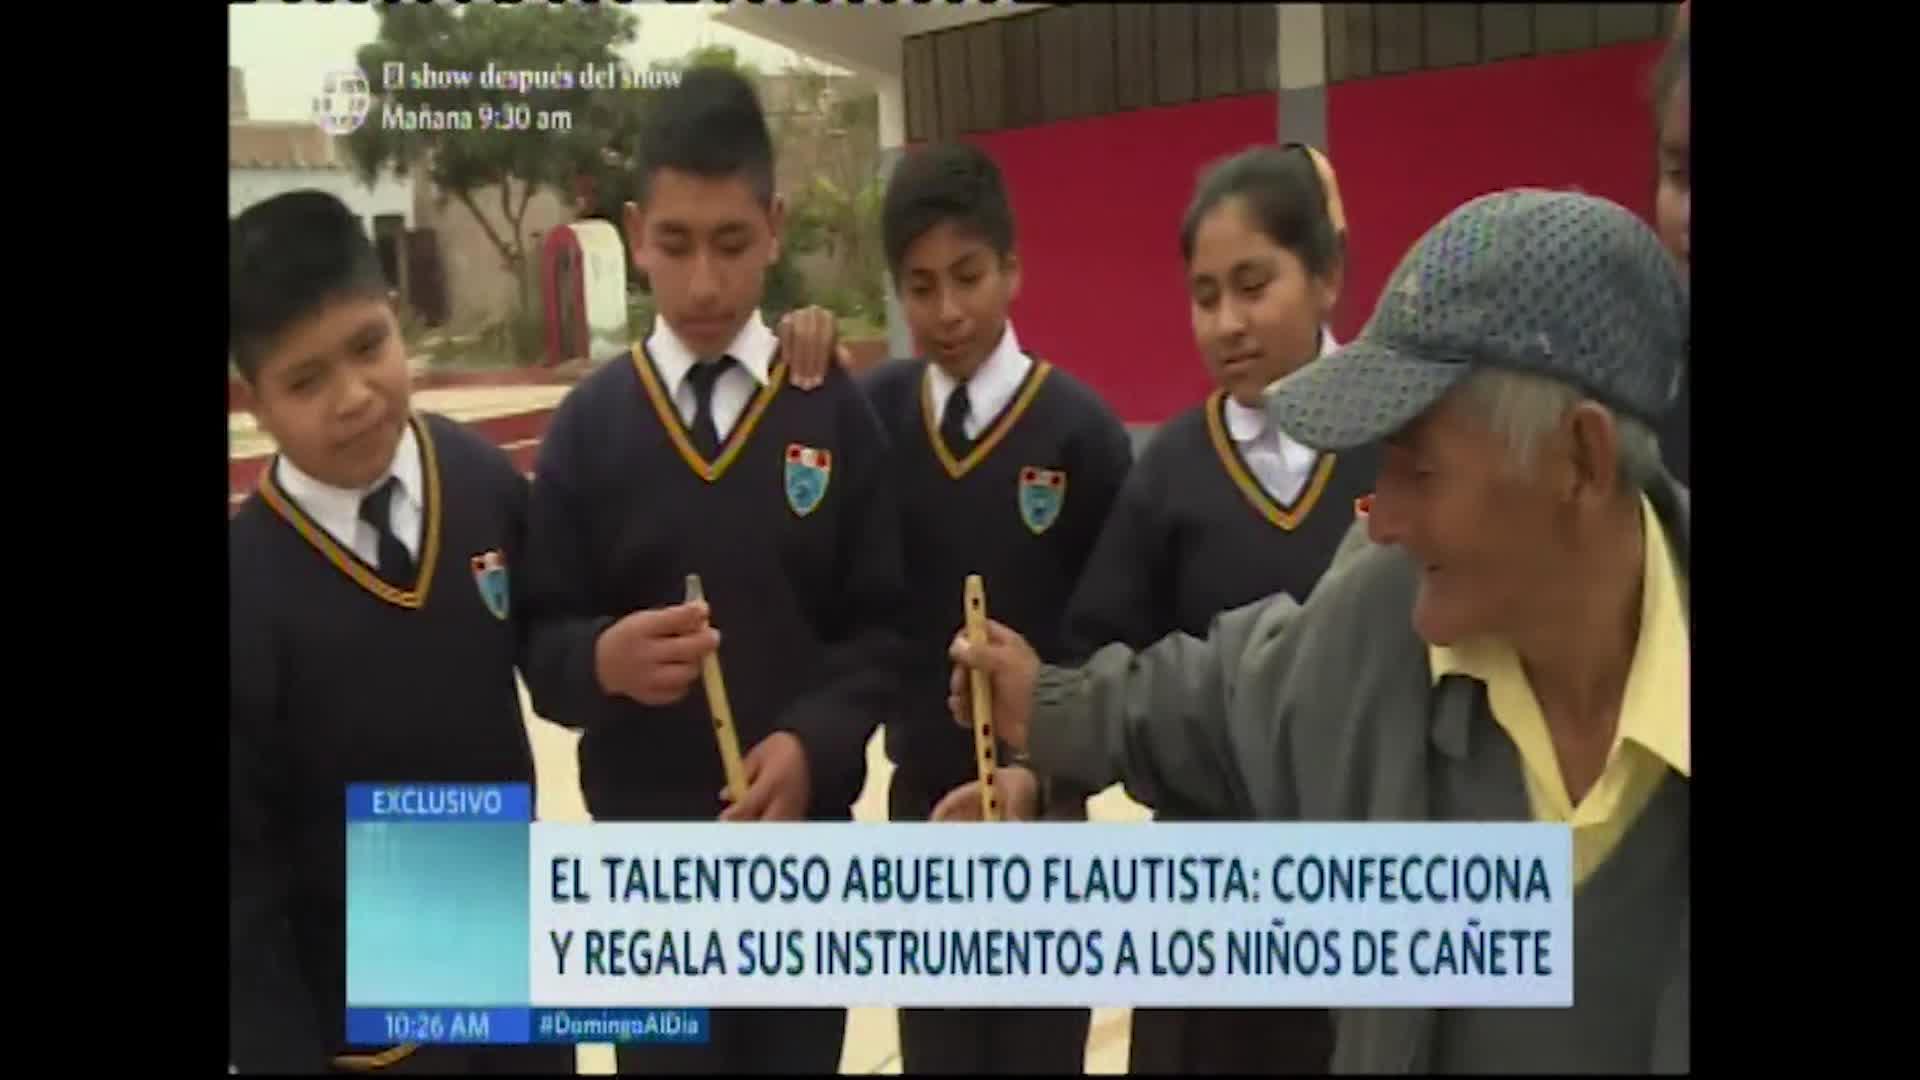 Cañete: el bondadoso corazón de un abuelito flautista